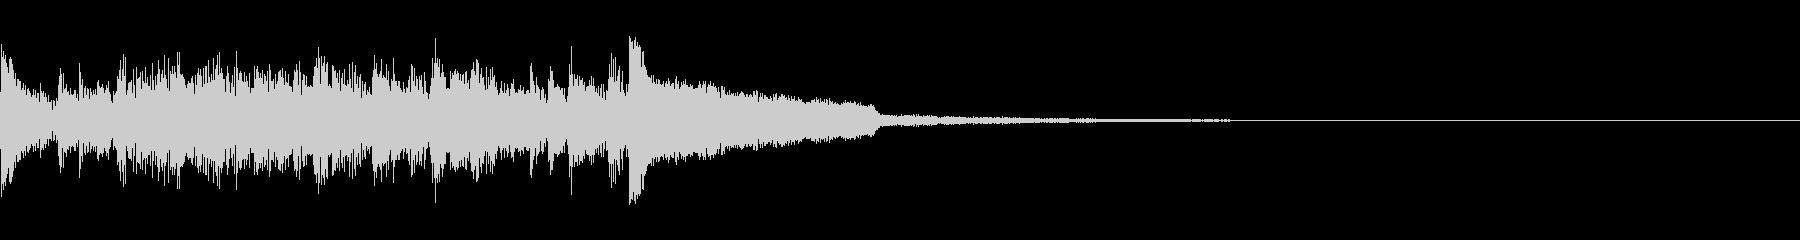 ニュース ラジオ テクノジングル11の未再生の波形